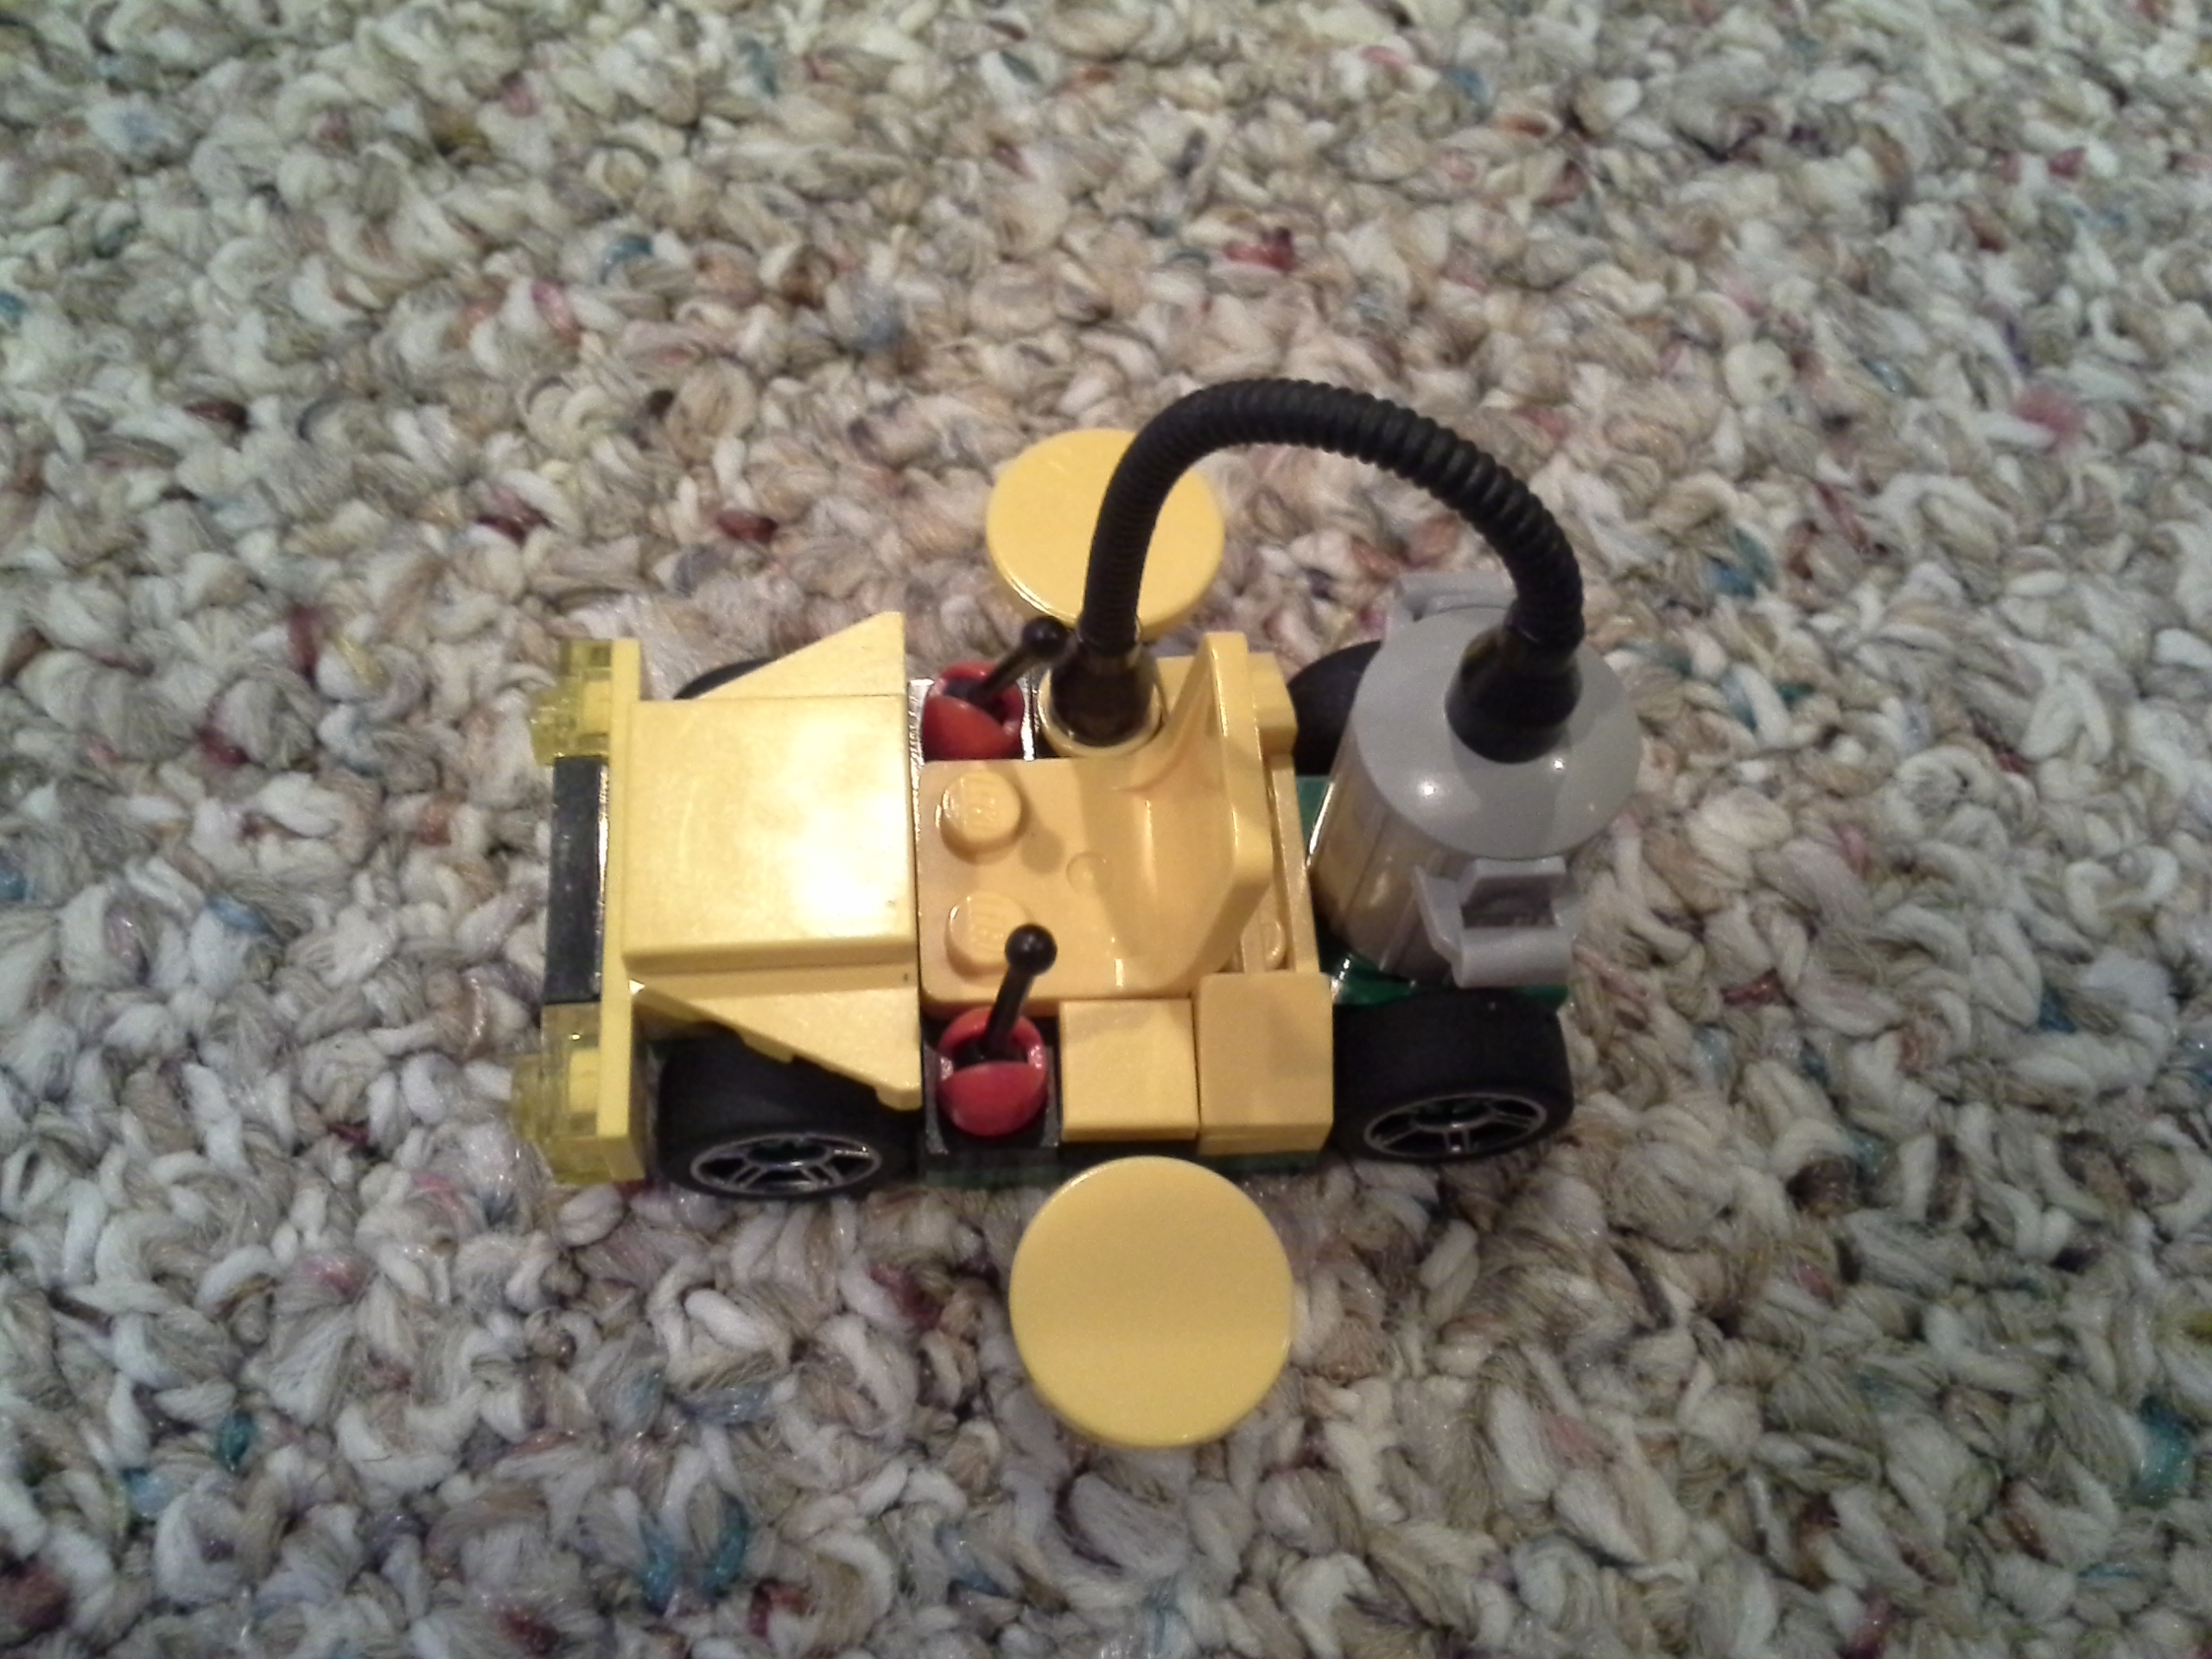 Lego Lawnmower